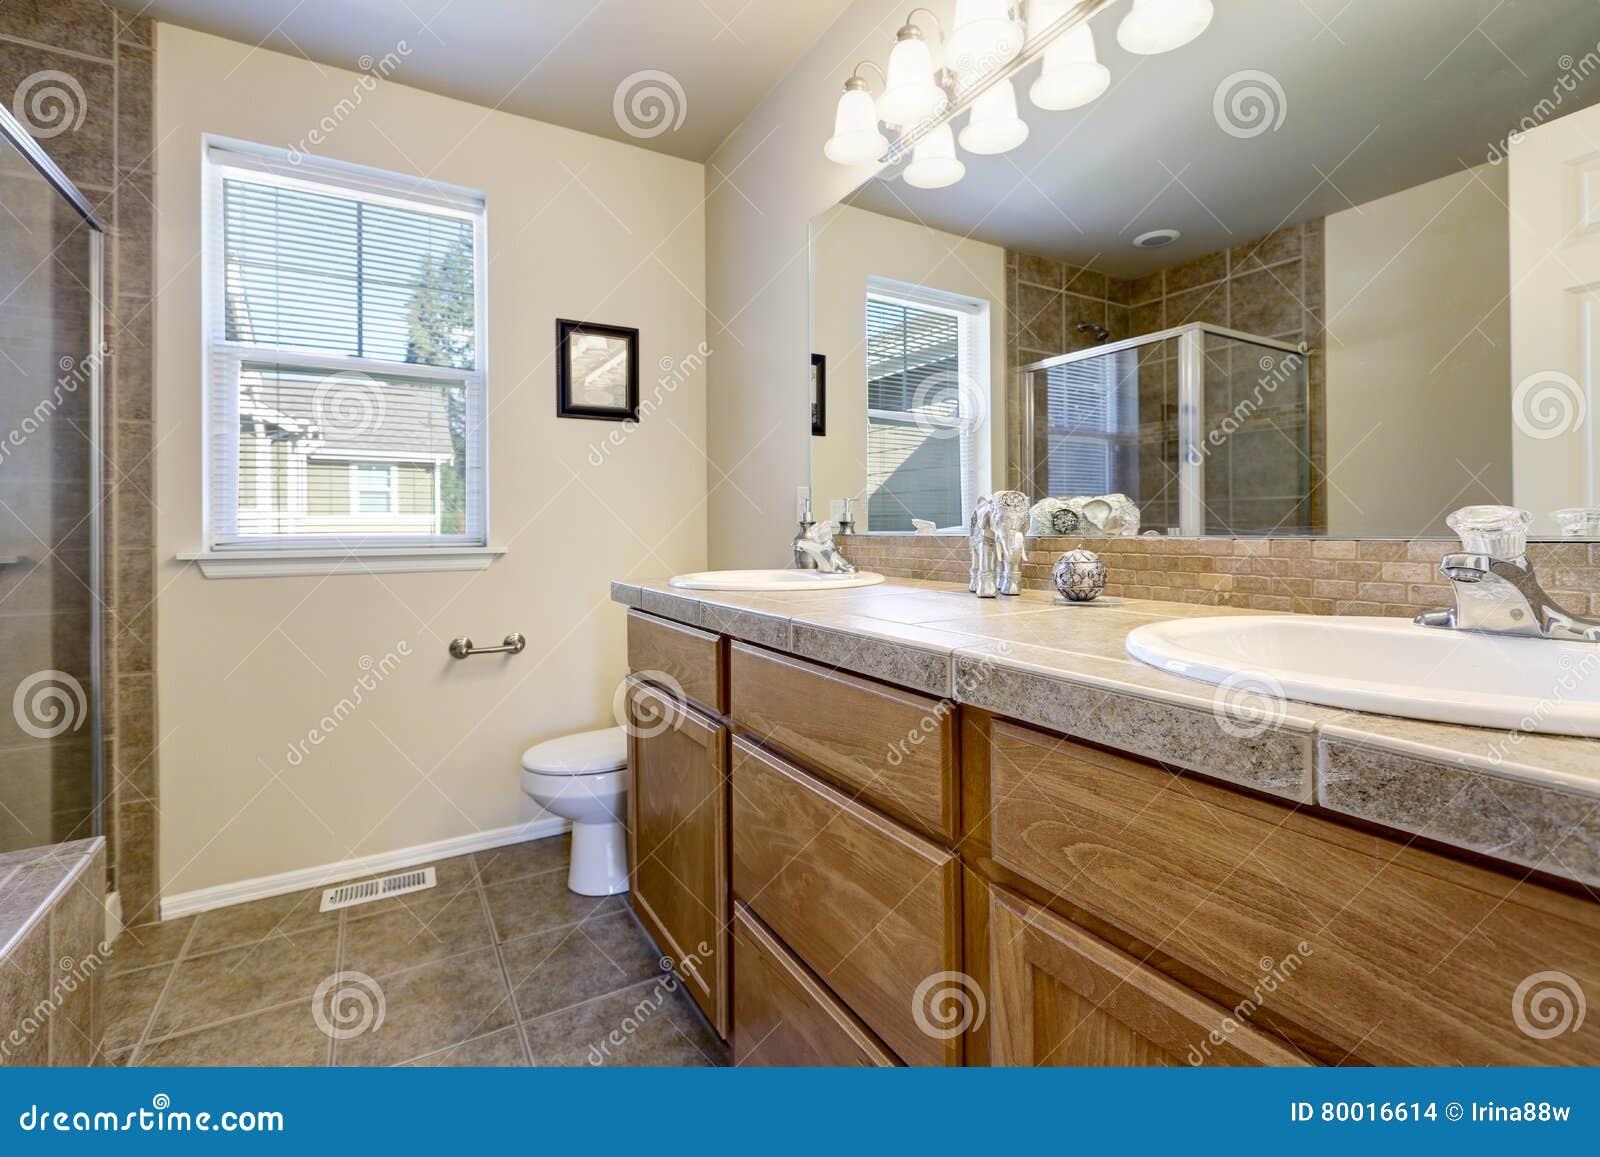 Bagno Beige E Marrone : Interno del bagno nei colori beige e marroni fotografia stock